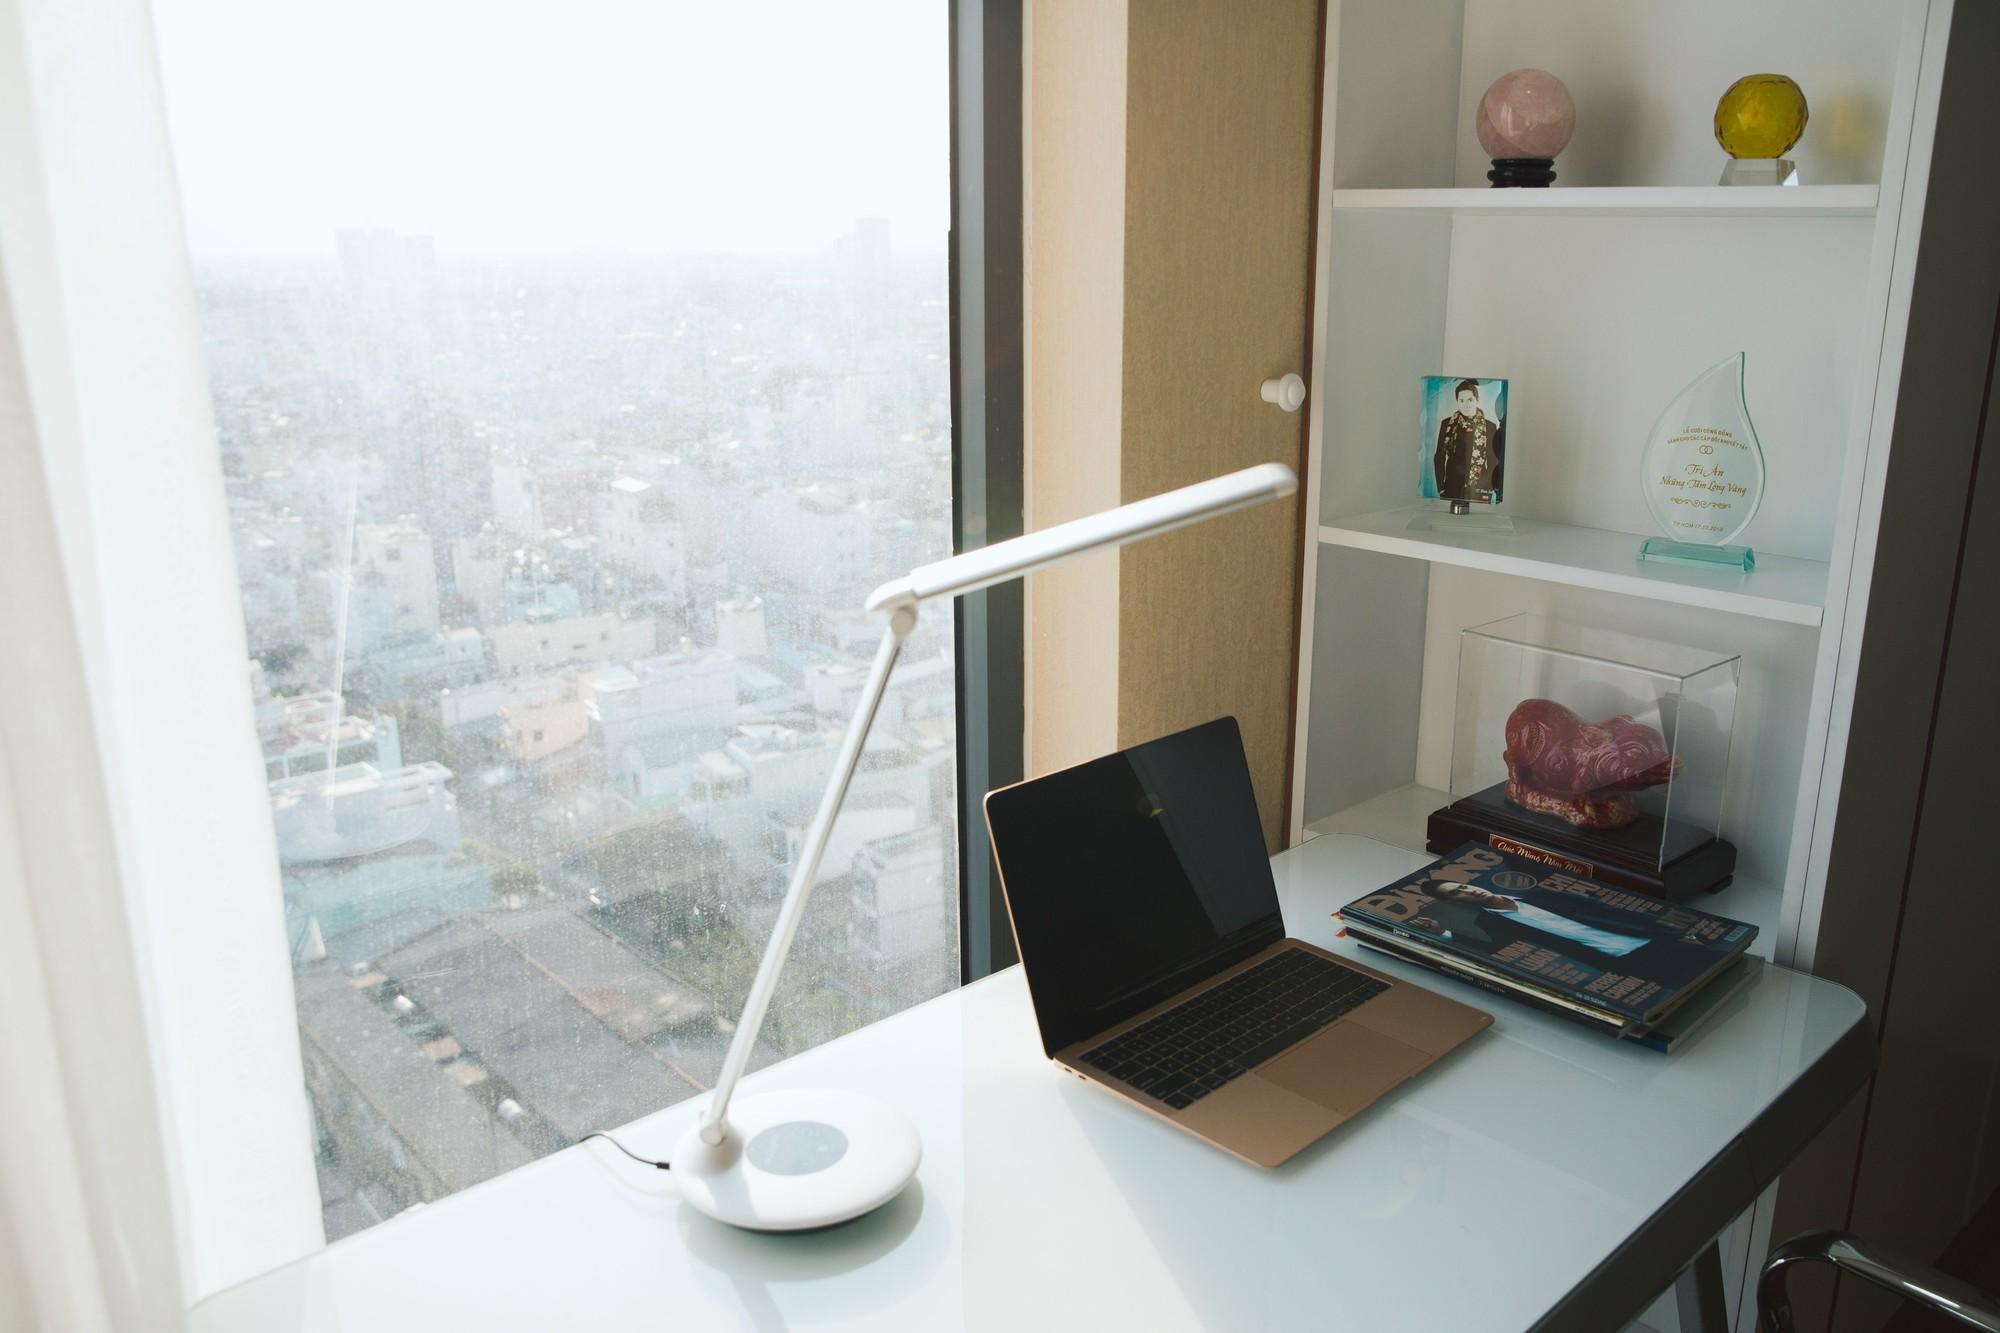 Diễn viên Minh Luân tự hào khoe căn hộ rộng 100 m2 sau 10 năm lập nghiệp ở TP HCM  - Ảnh 8.